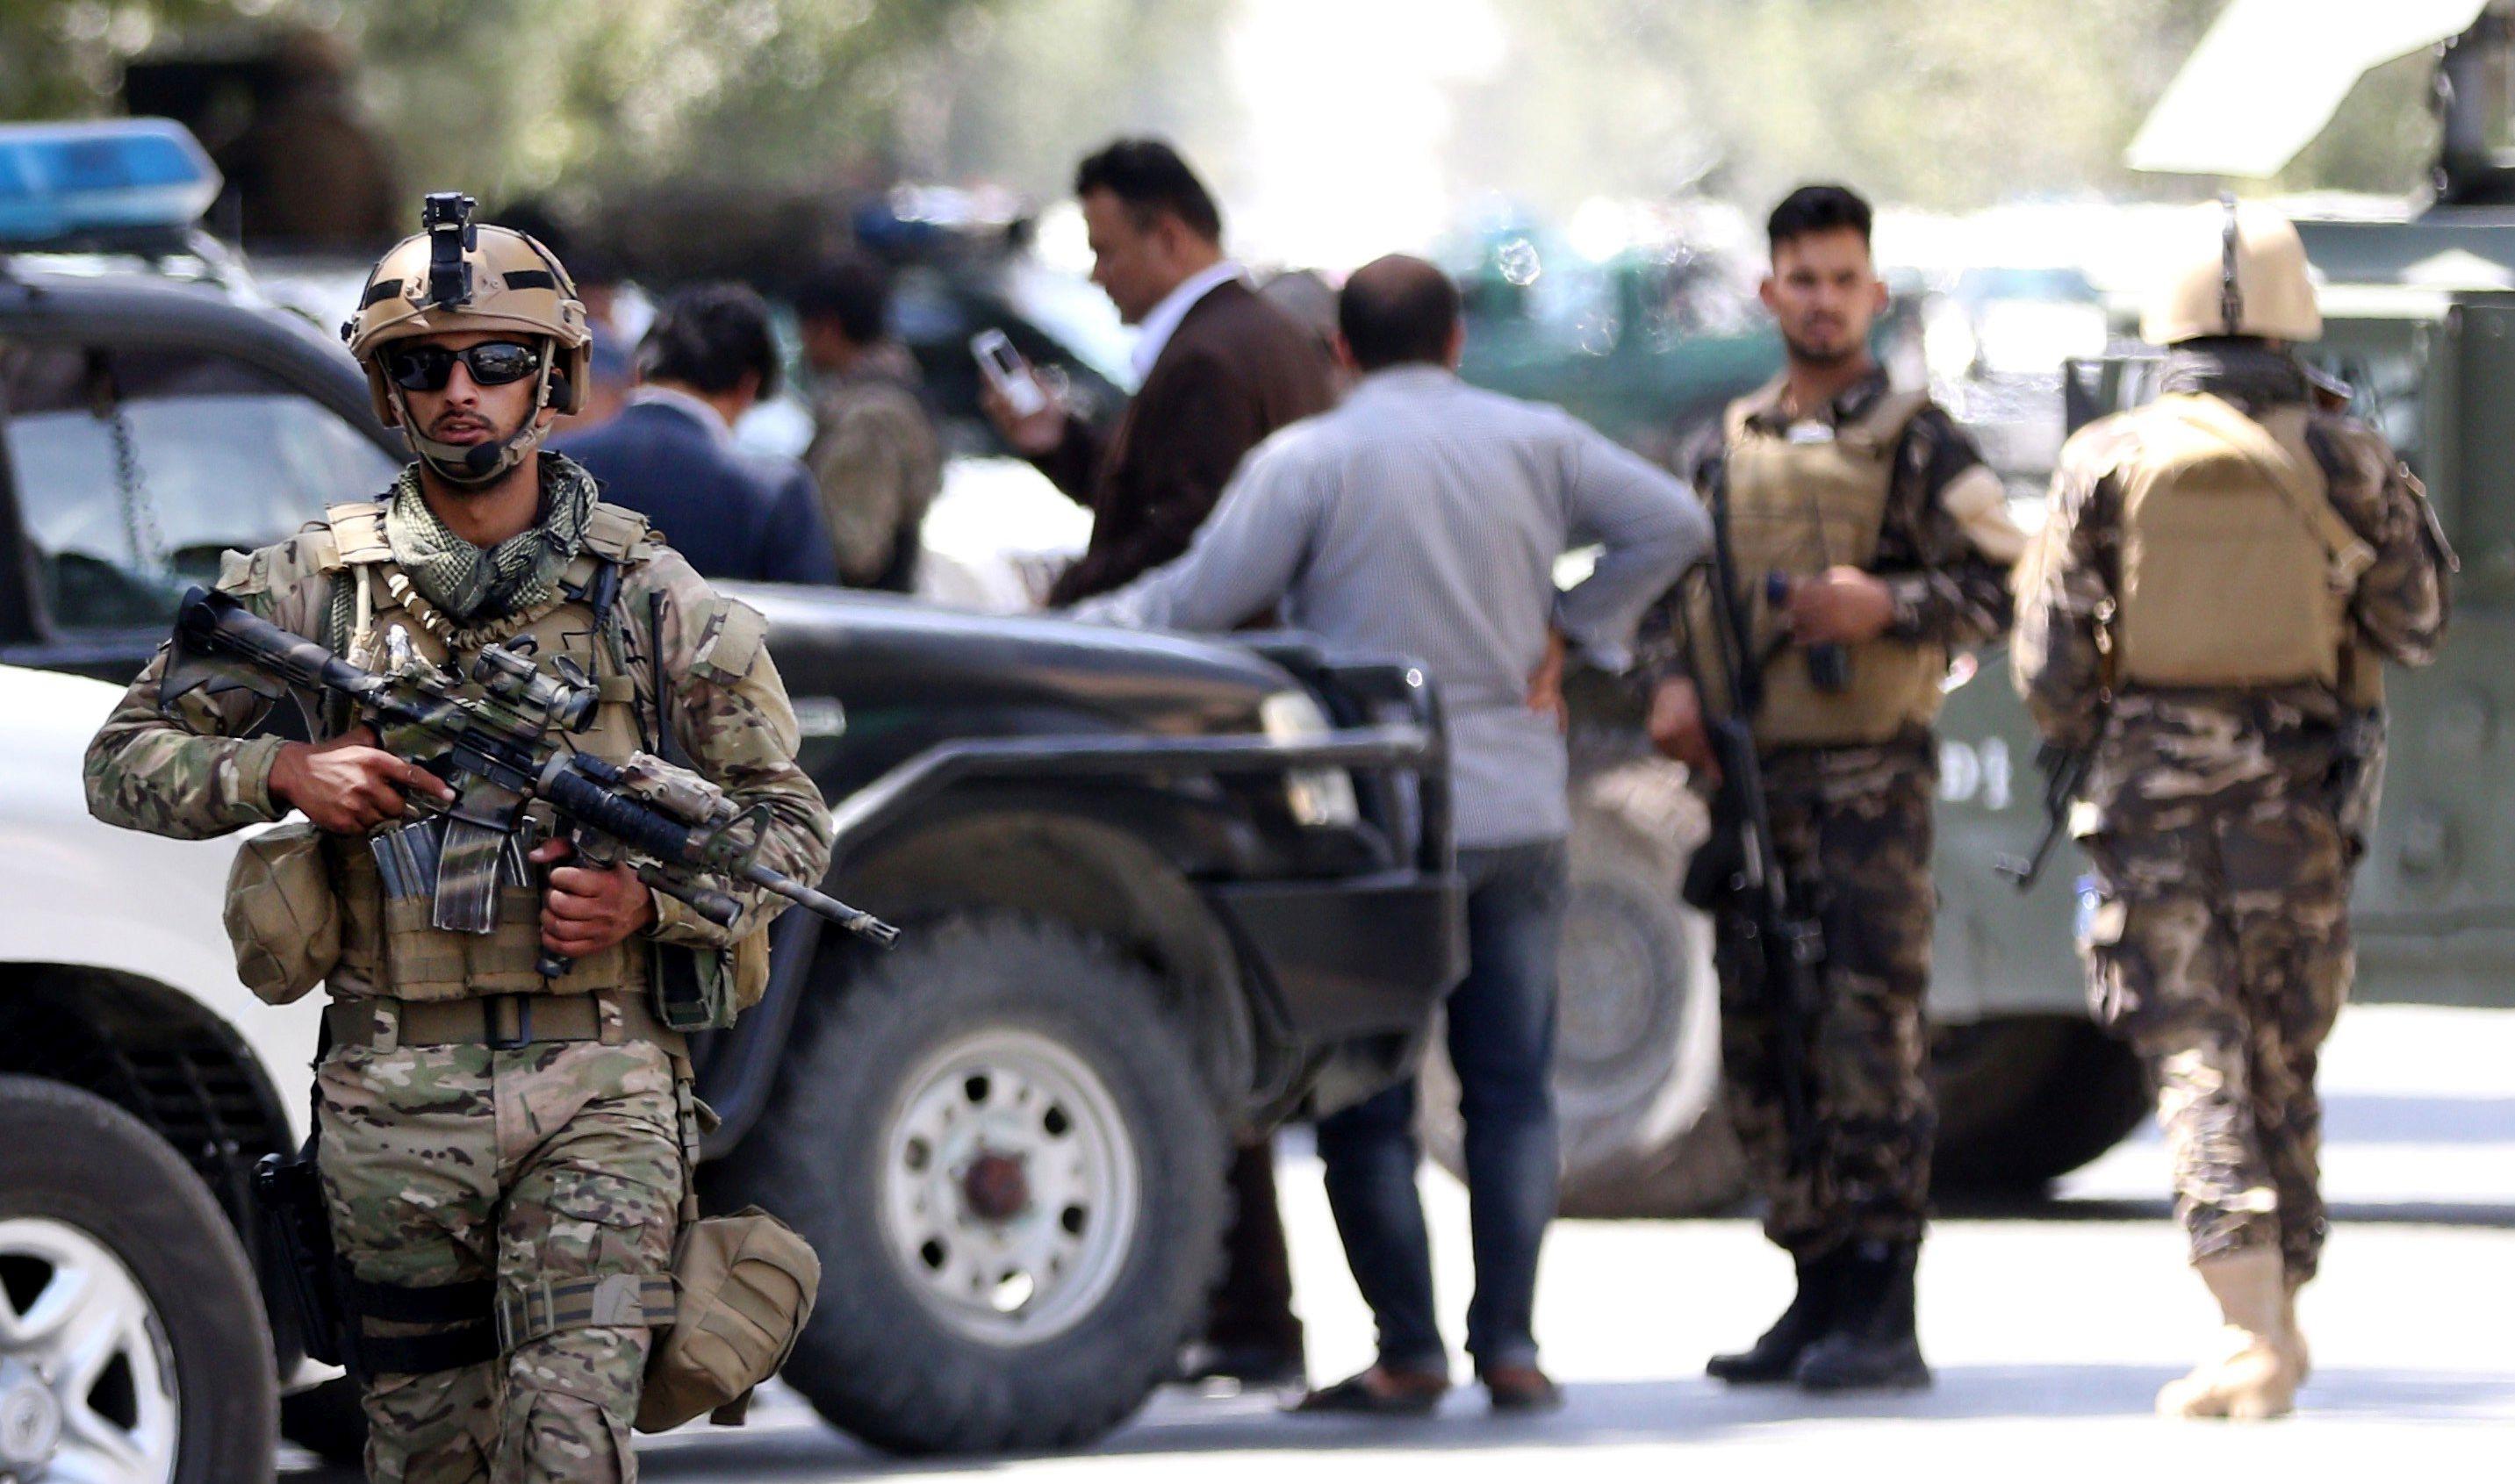 Napad talibana na NATO u Afganistanu, ima žrtava